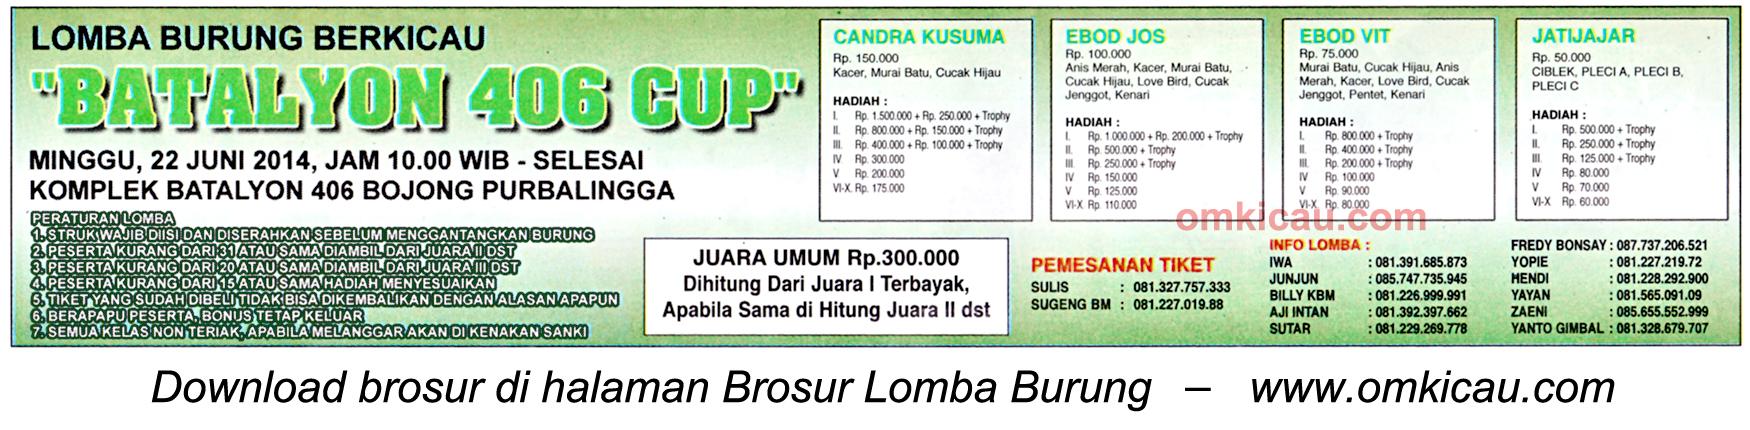 Brosur Lomba Burung Berkicau Batalyon 406 Cup, Purbalingga, 22 Juni 2014